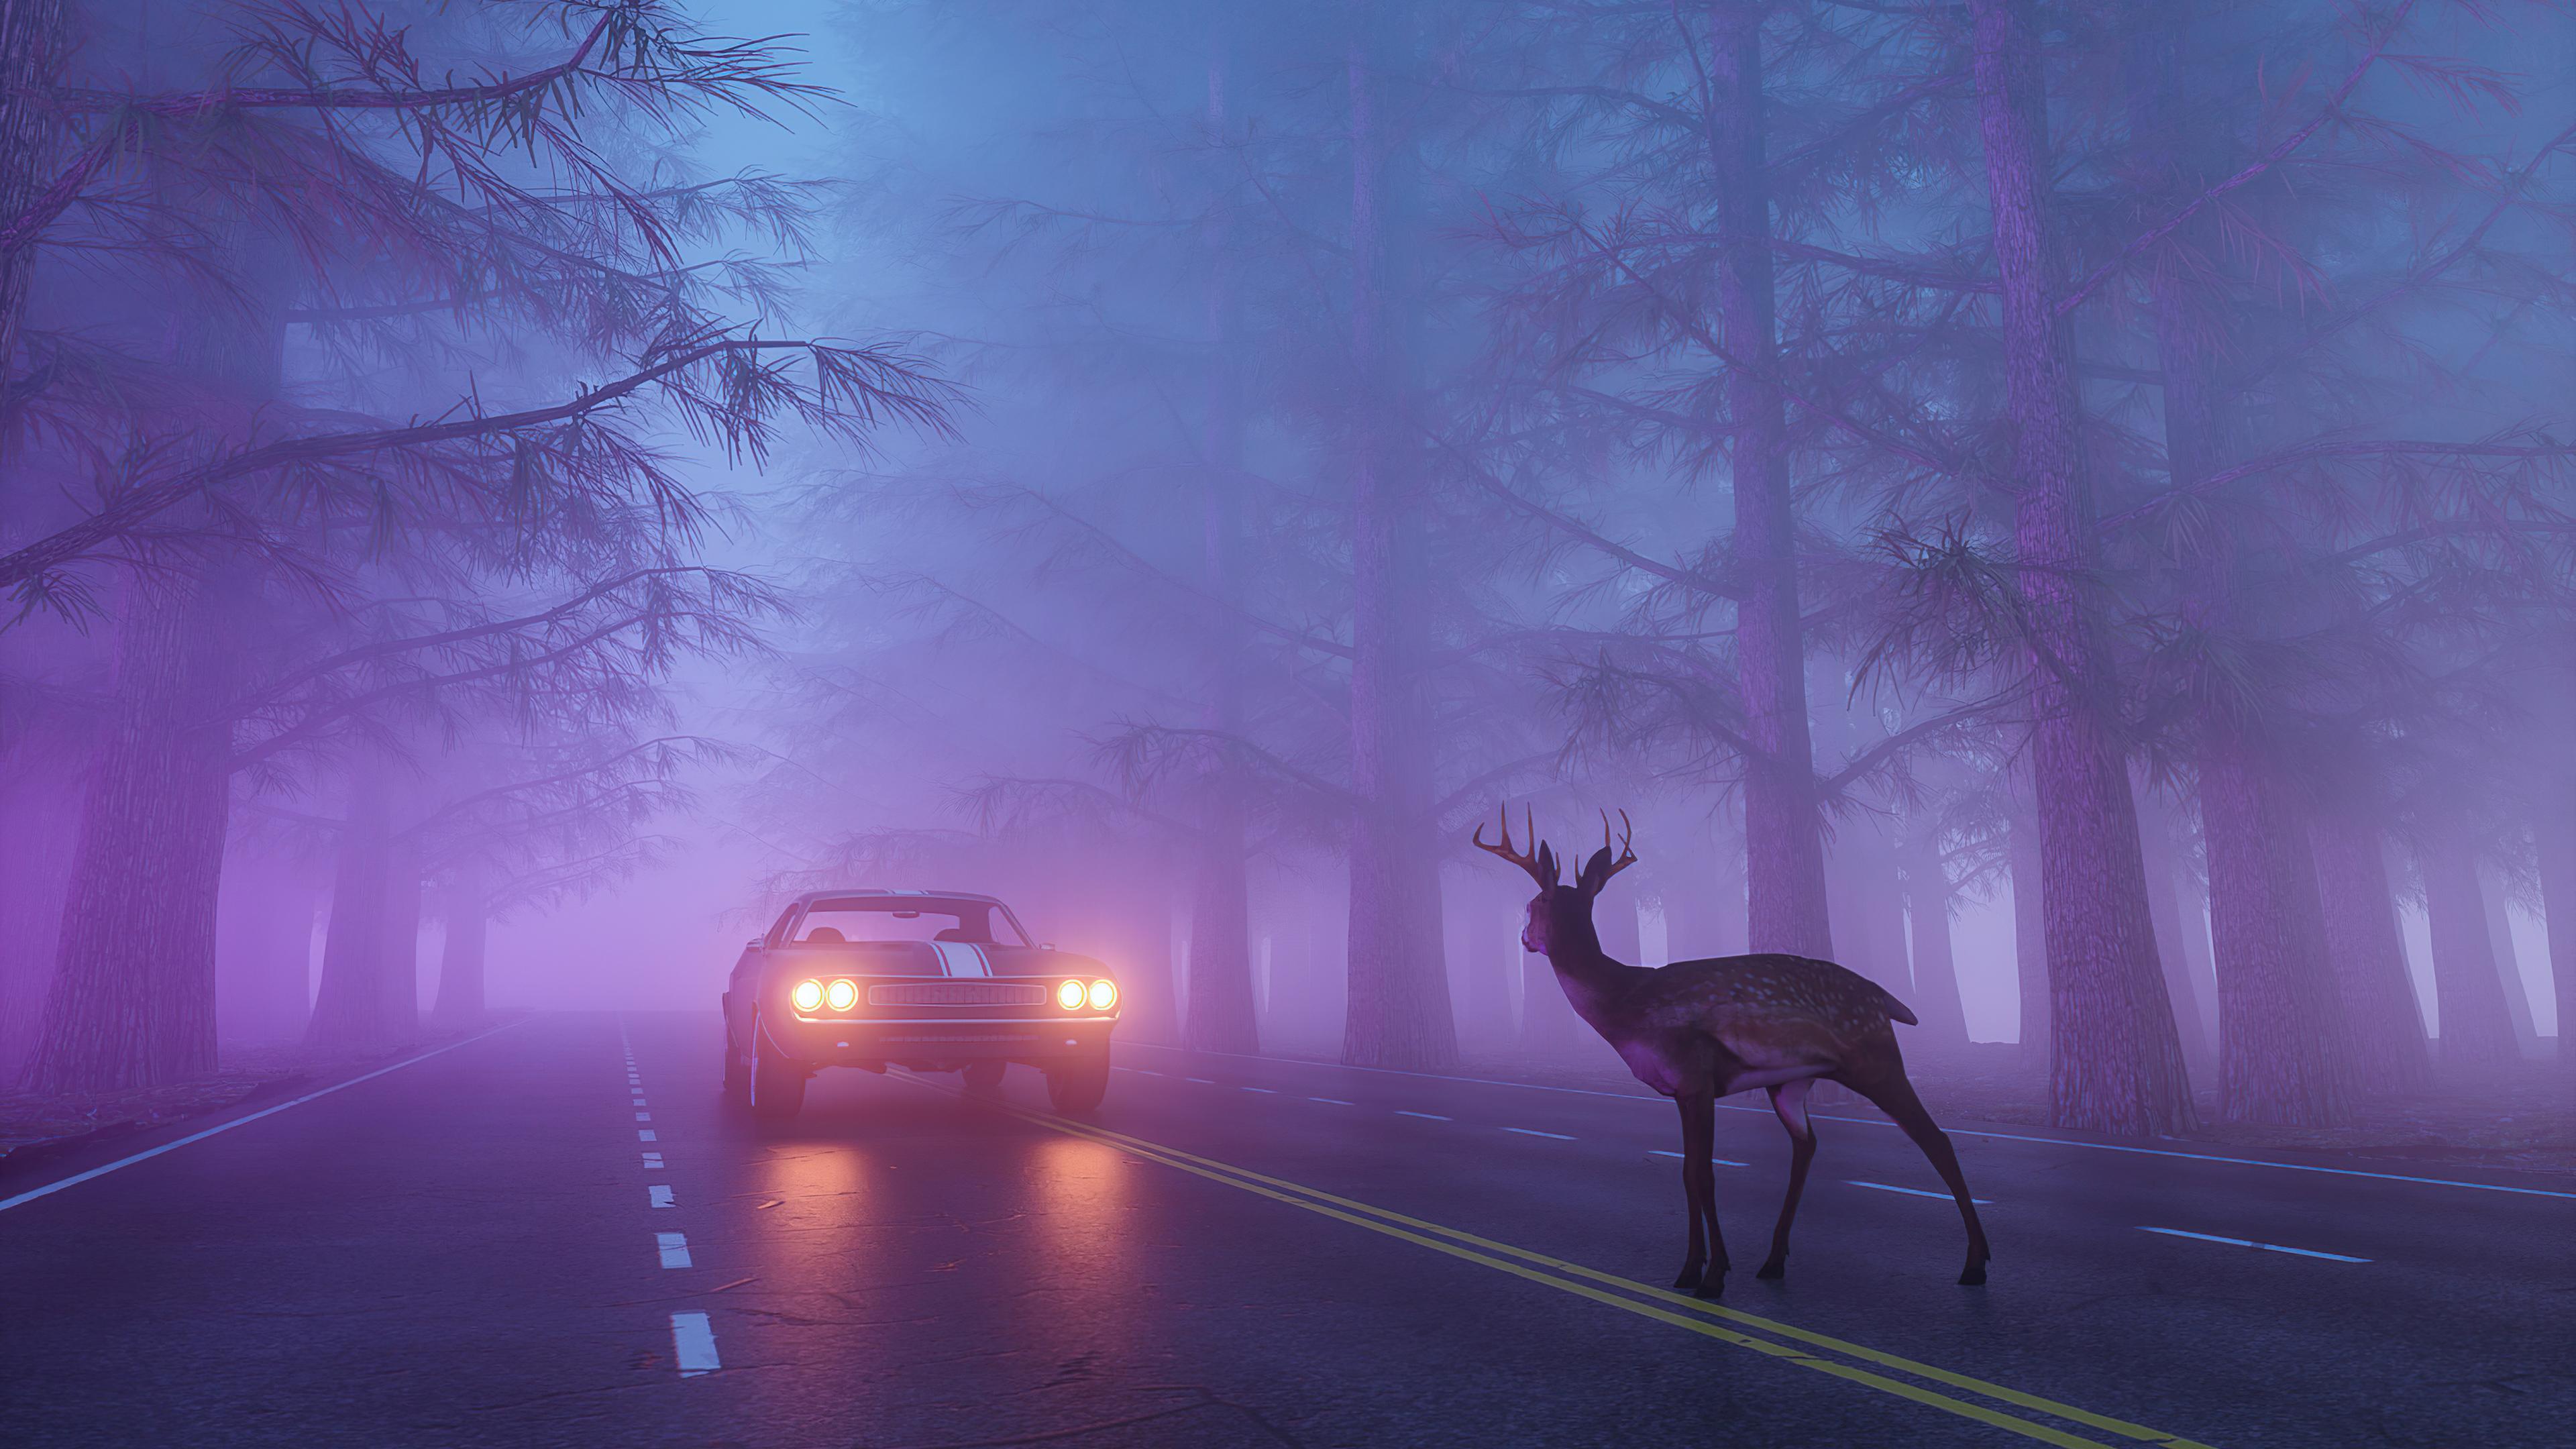 beware of the deer 1614443619 - Beware Of The Deer - Beware Of The Deer wallpapers